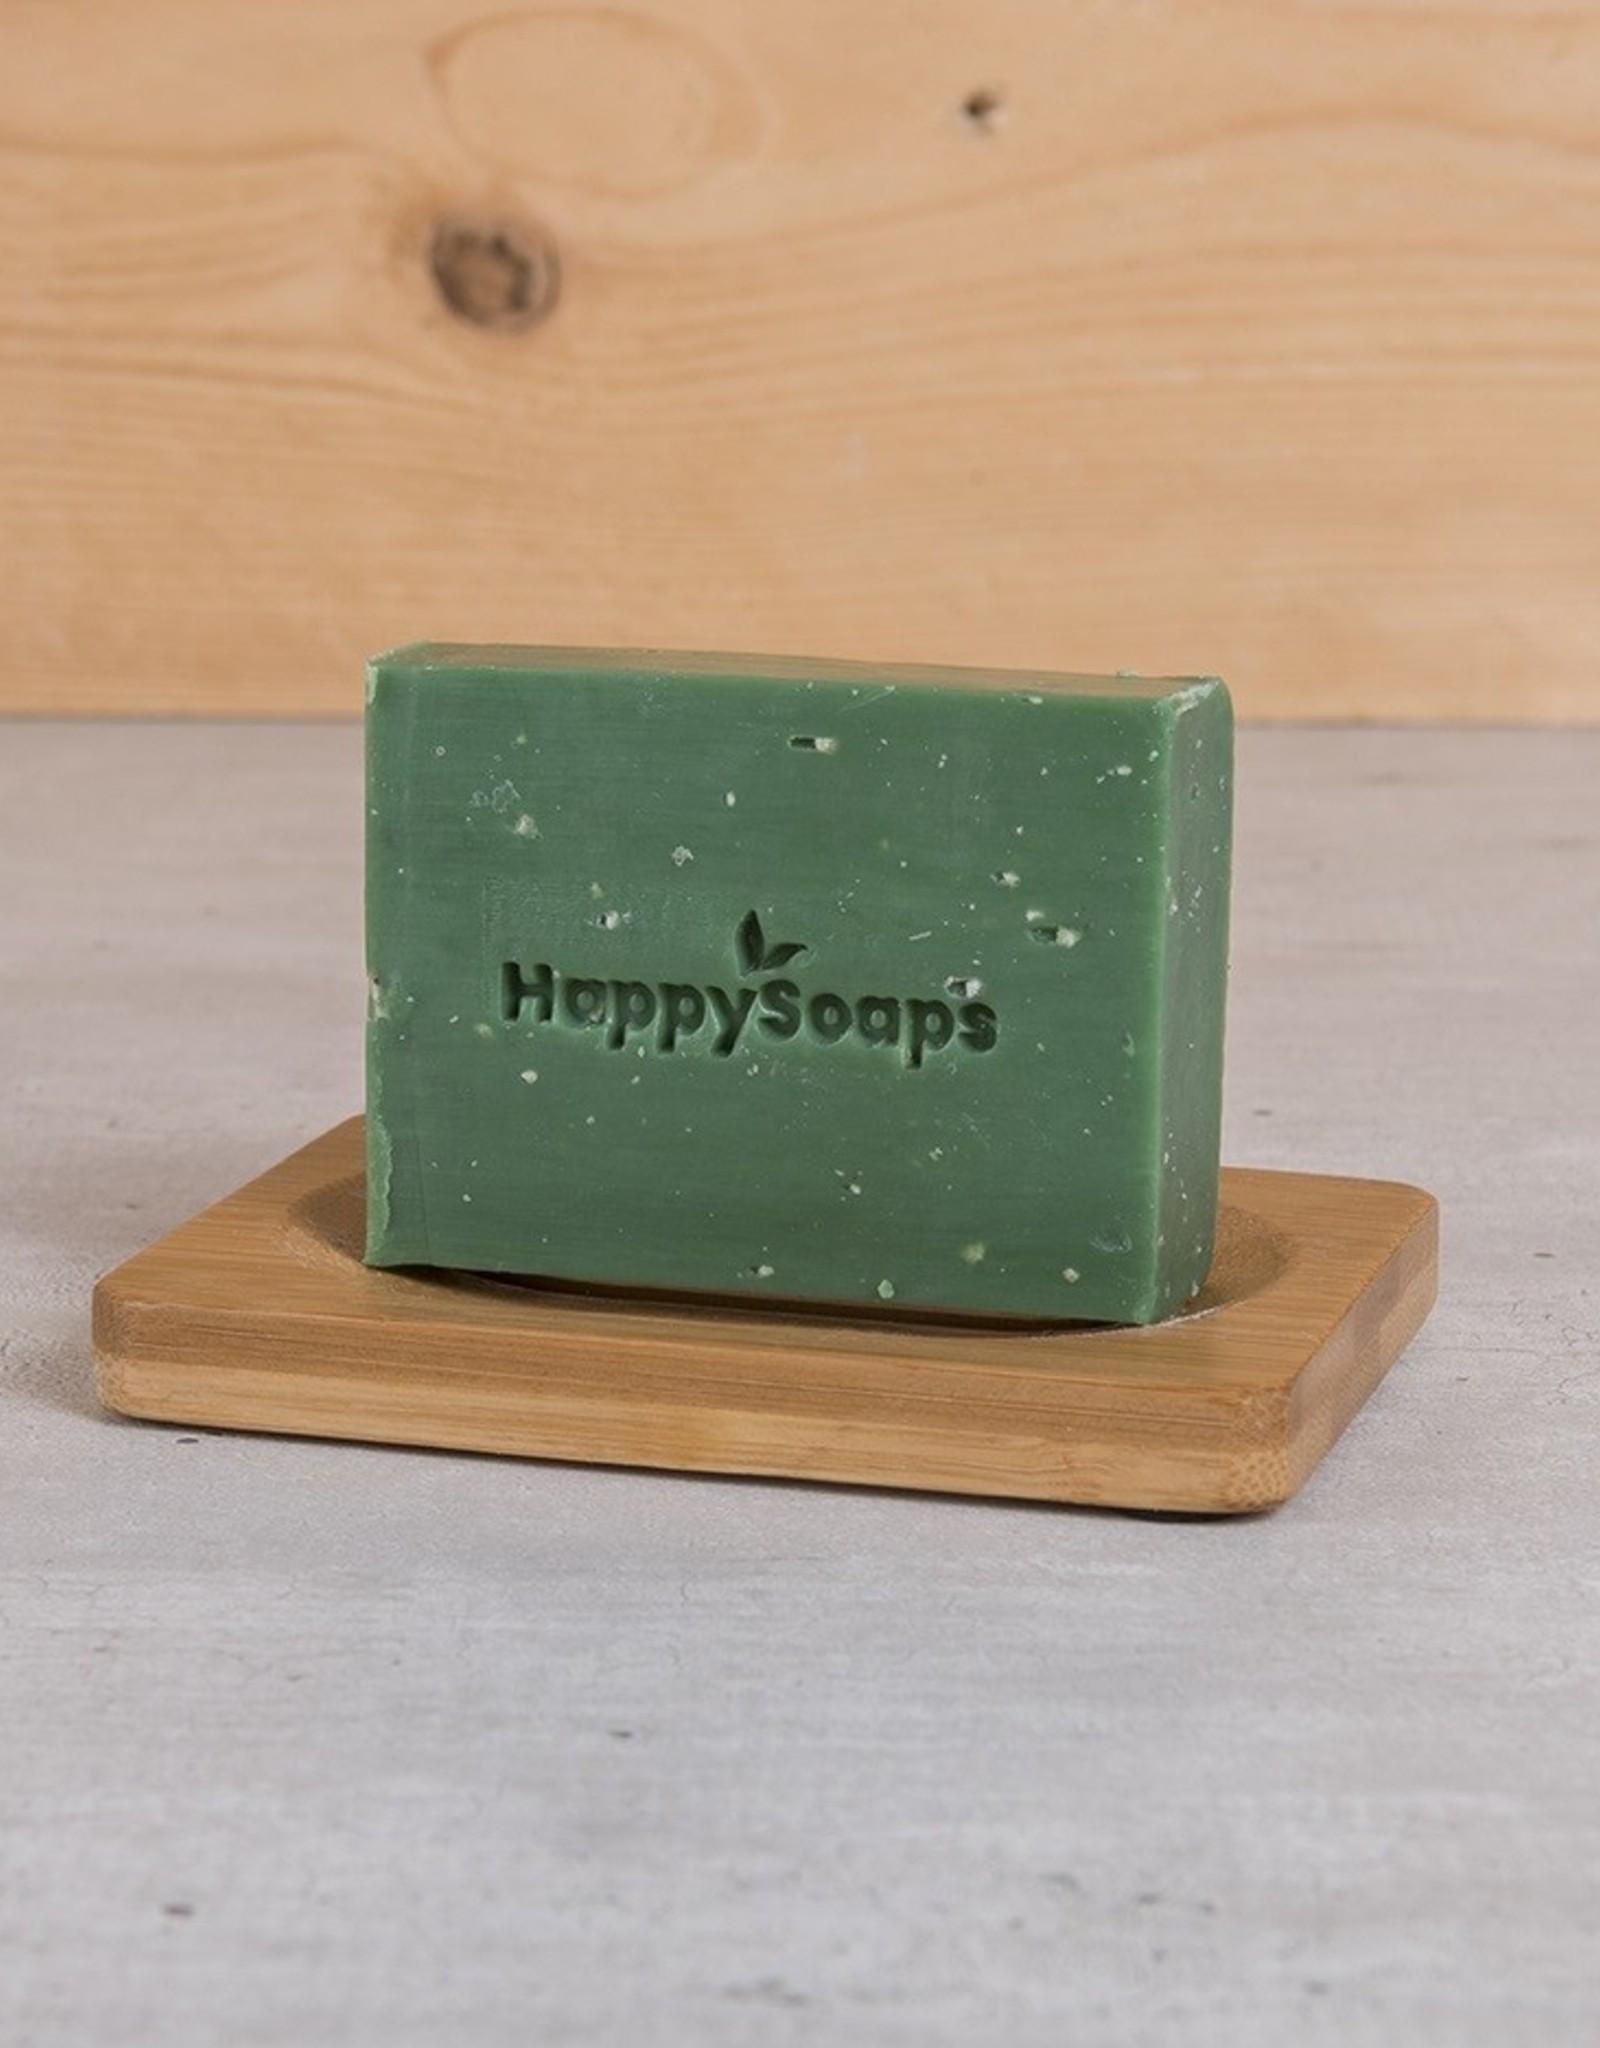 HappySoaps Happy Body Bar Citroen en Basilicum 100gram - HappySoaps